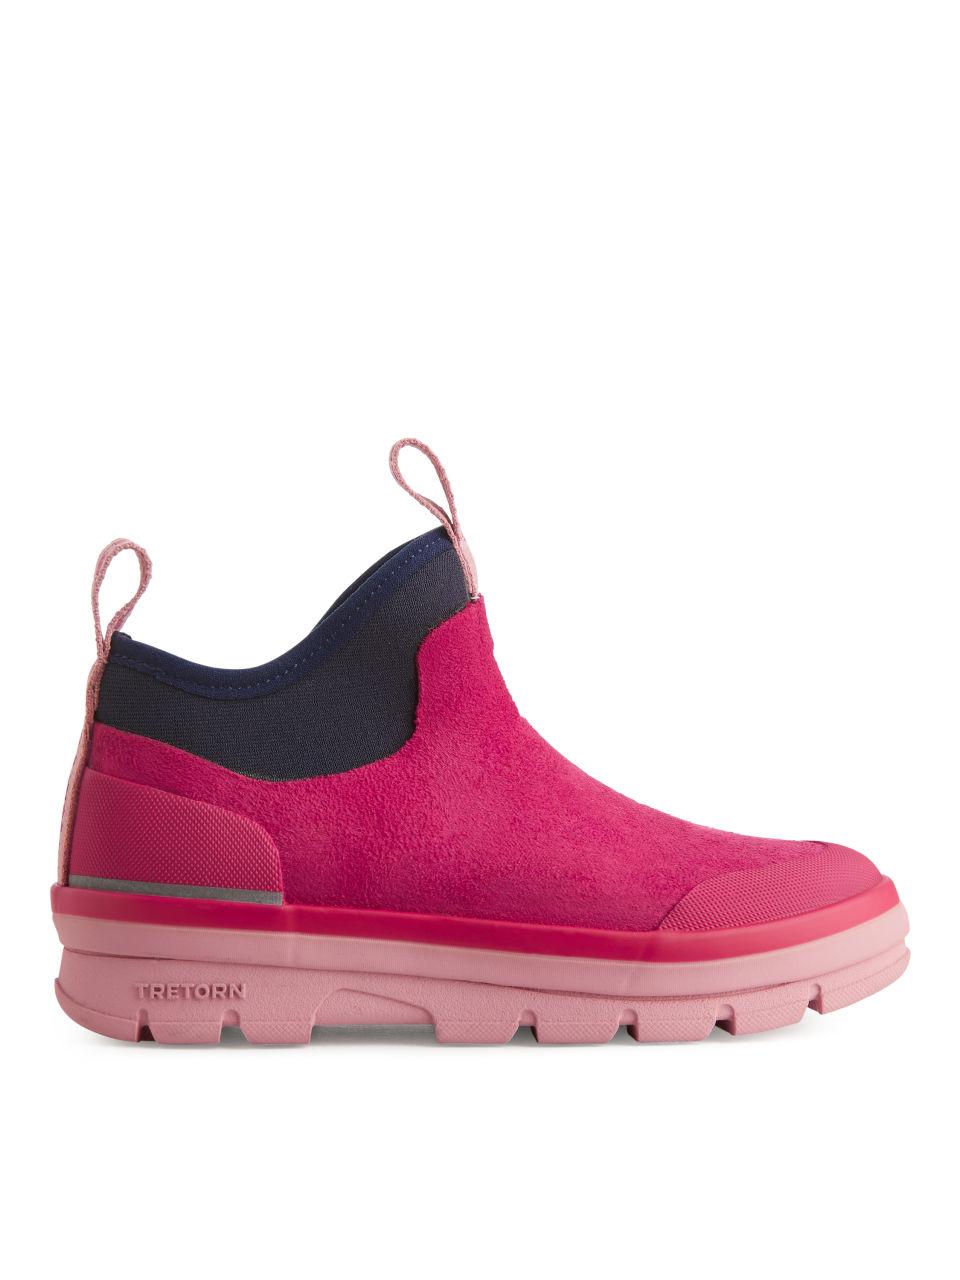 Tretorn Lunar Hybrid Boots - Pink